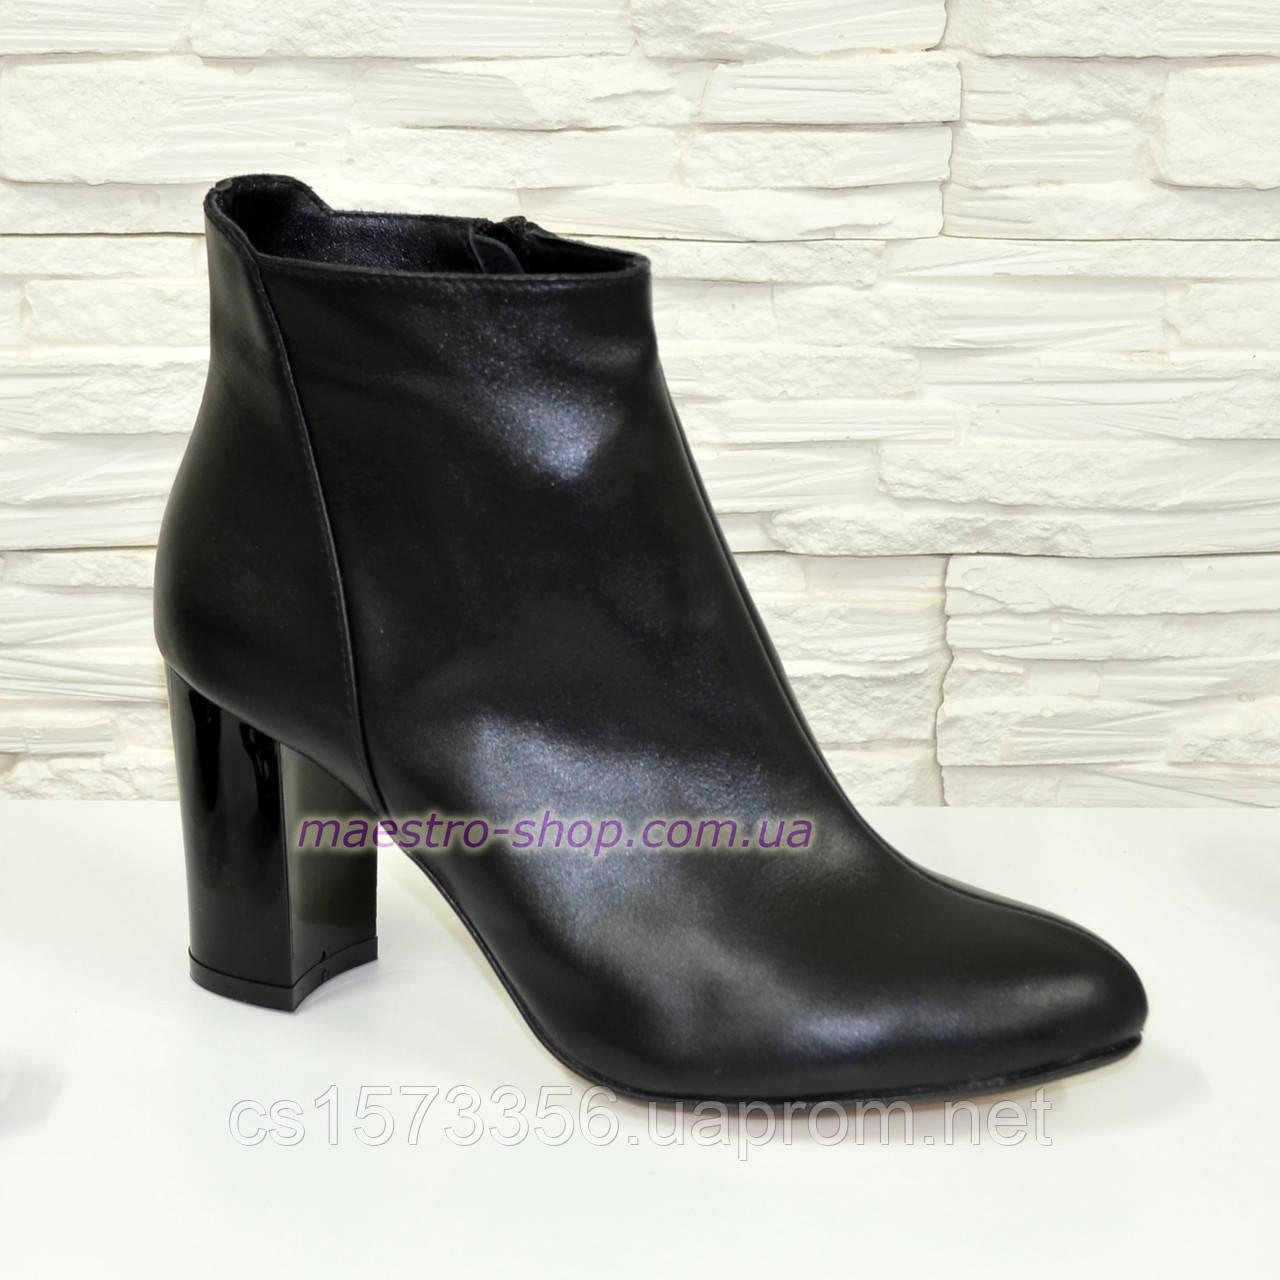 Ботинки женские демисезонные кожаные на устойчивом каблуке